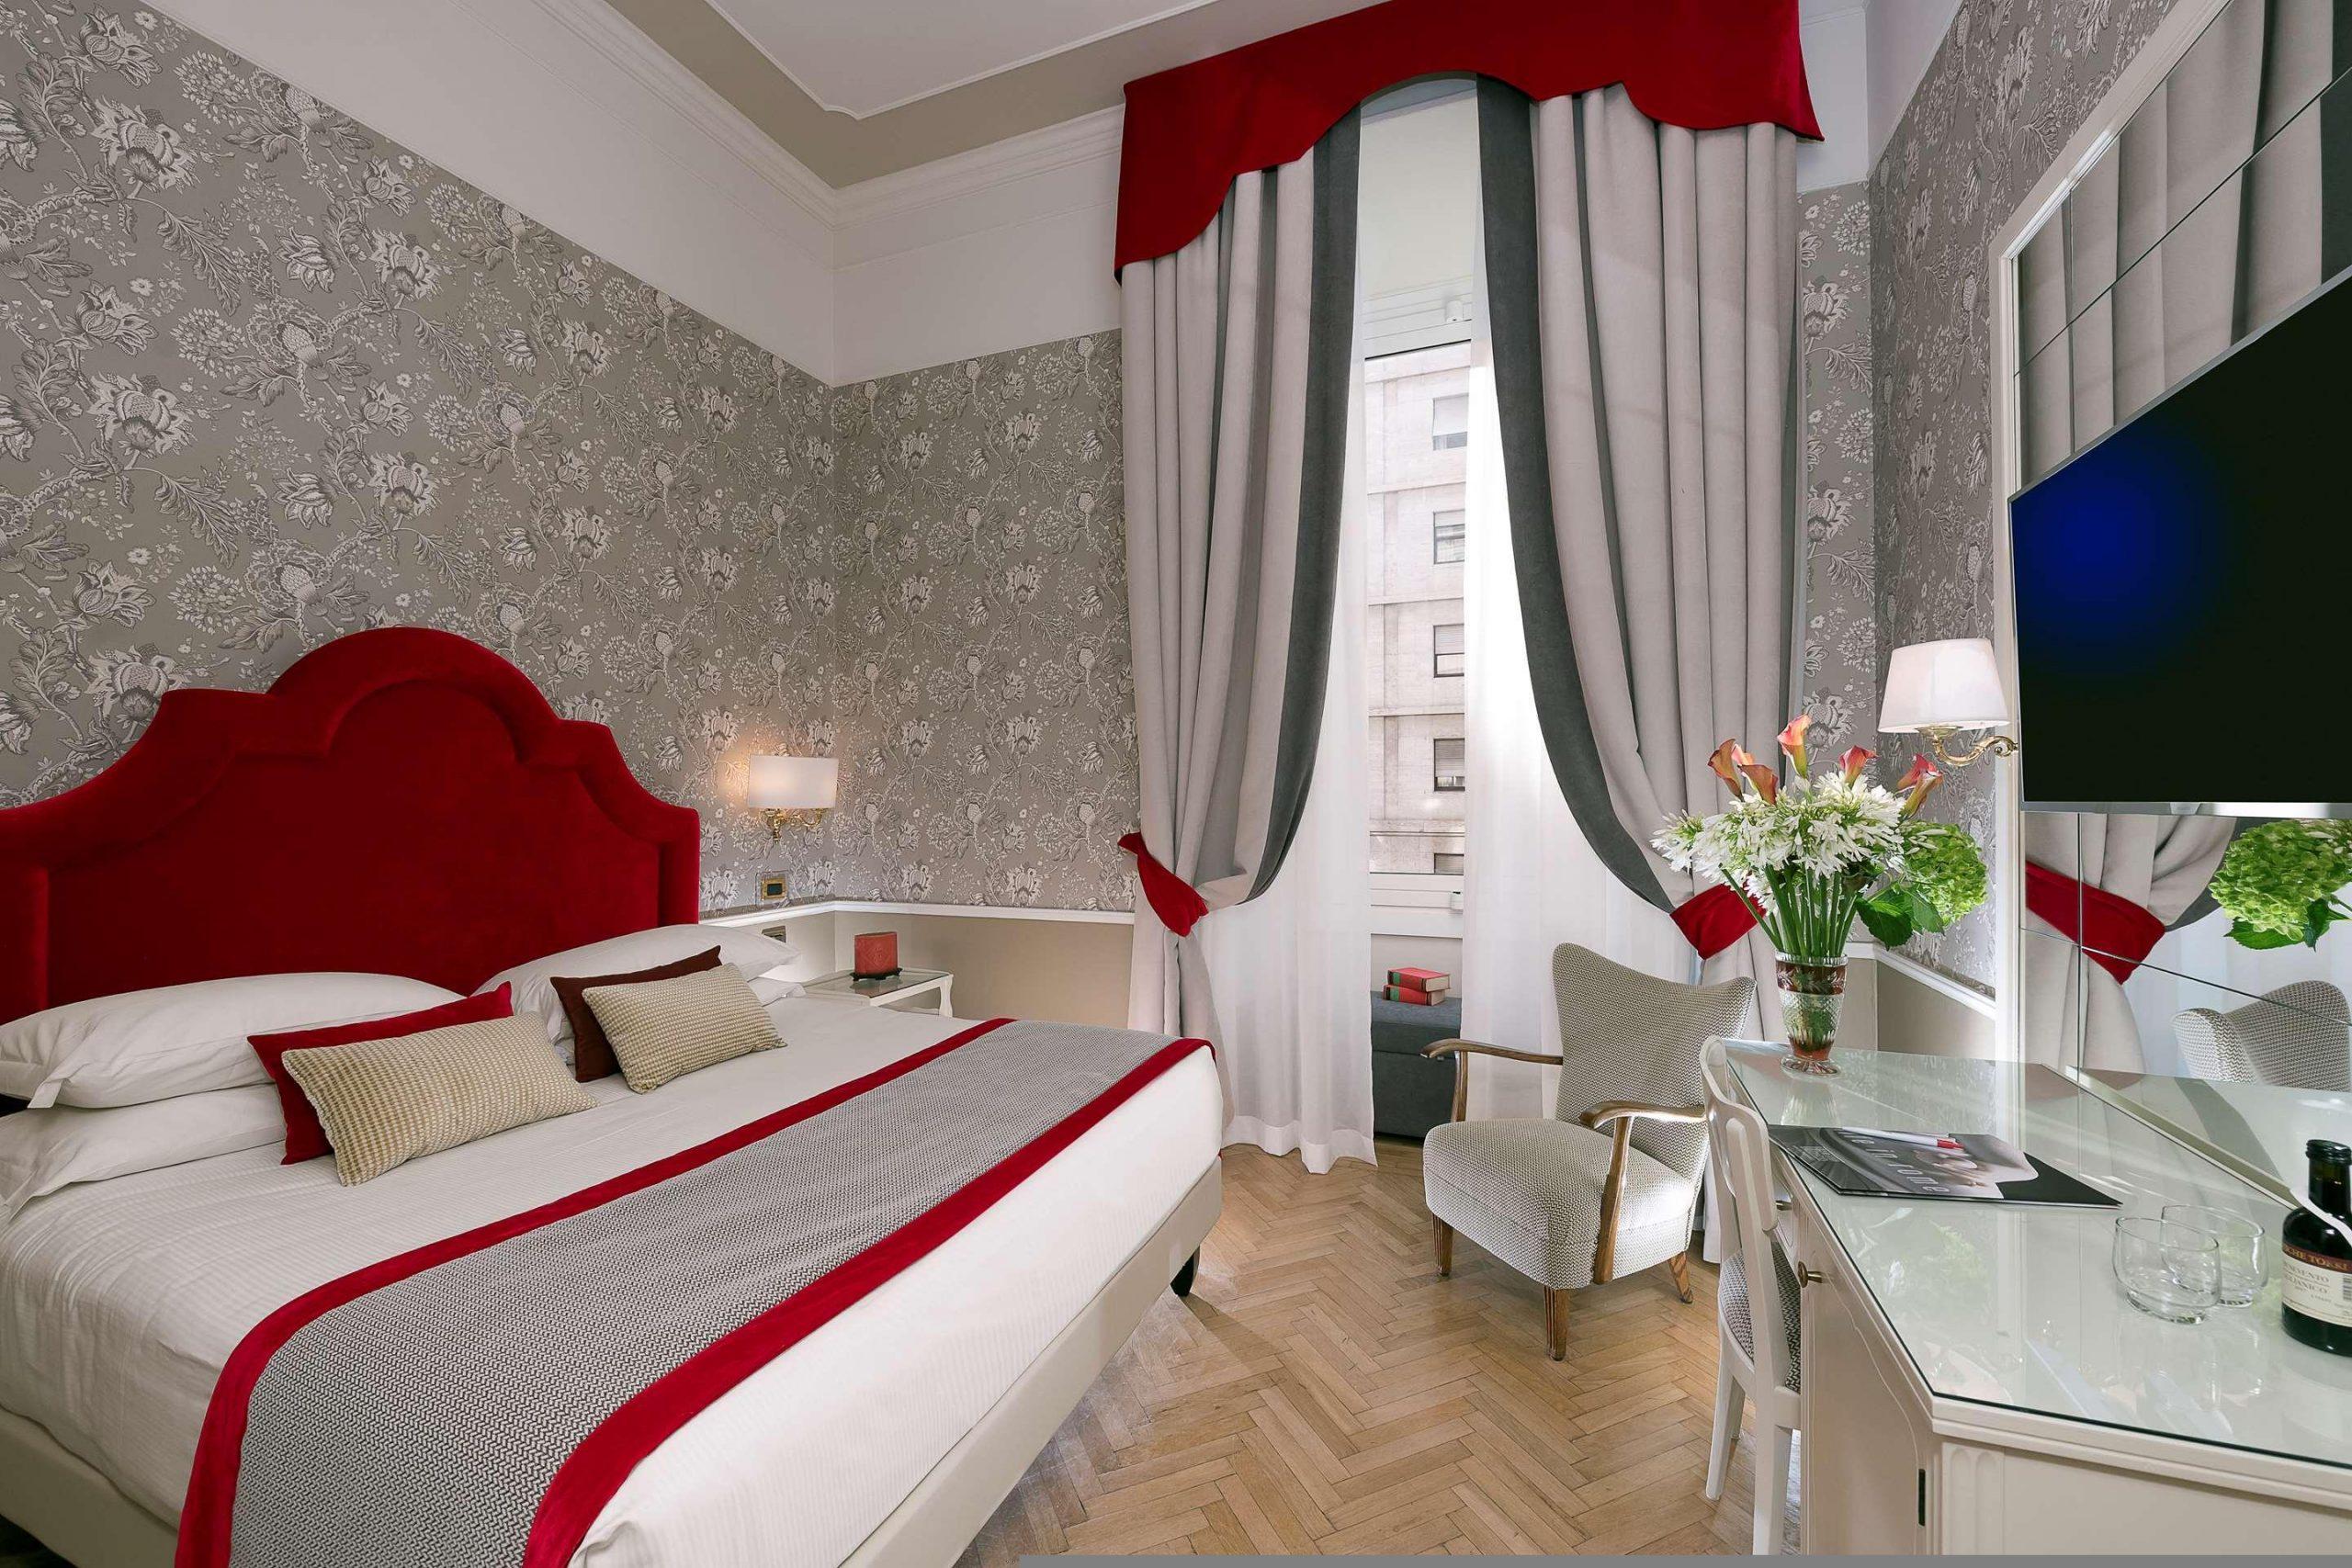 Bettoja Hotel Massimo d'Azeglio Rome